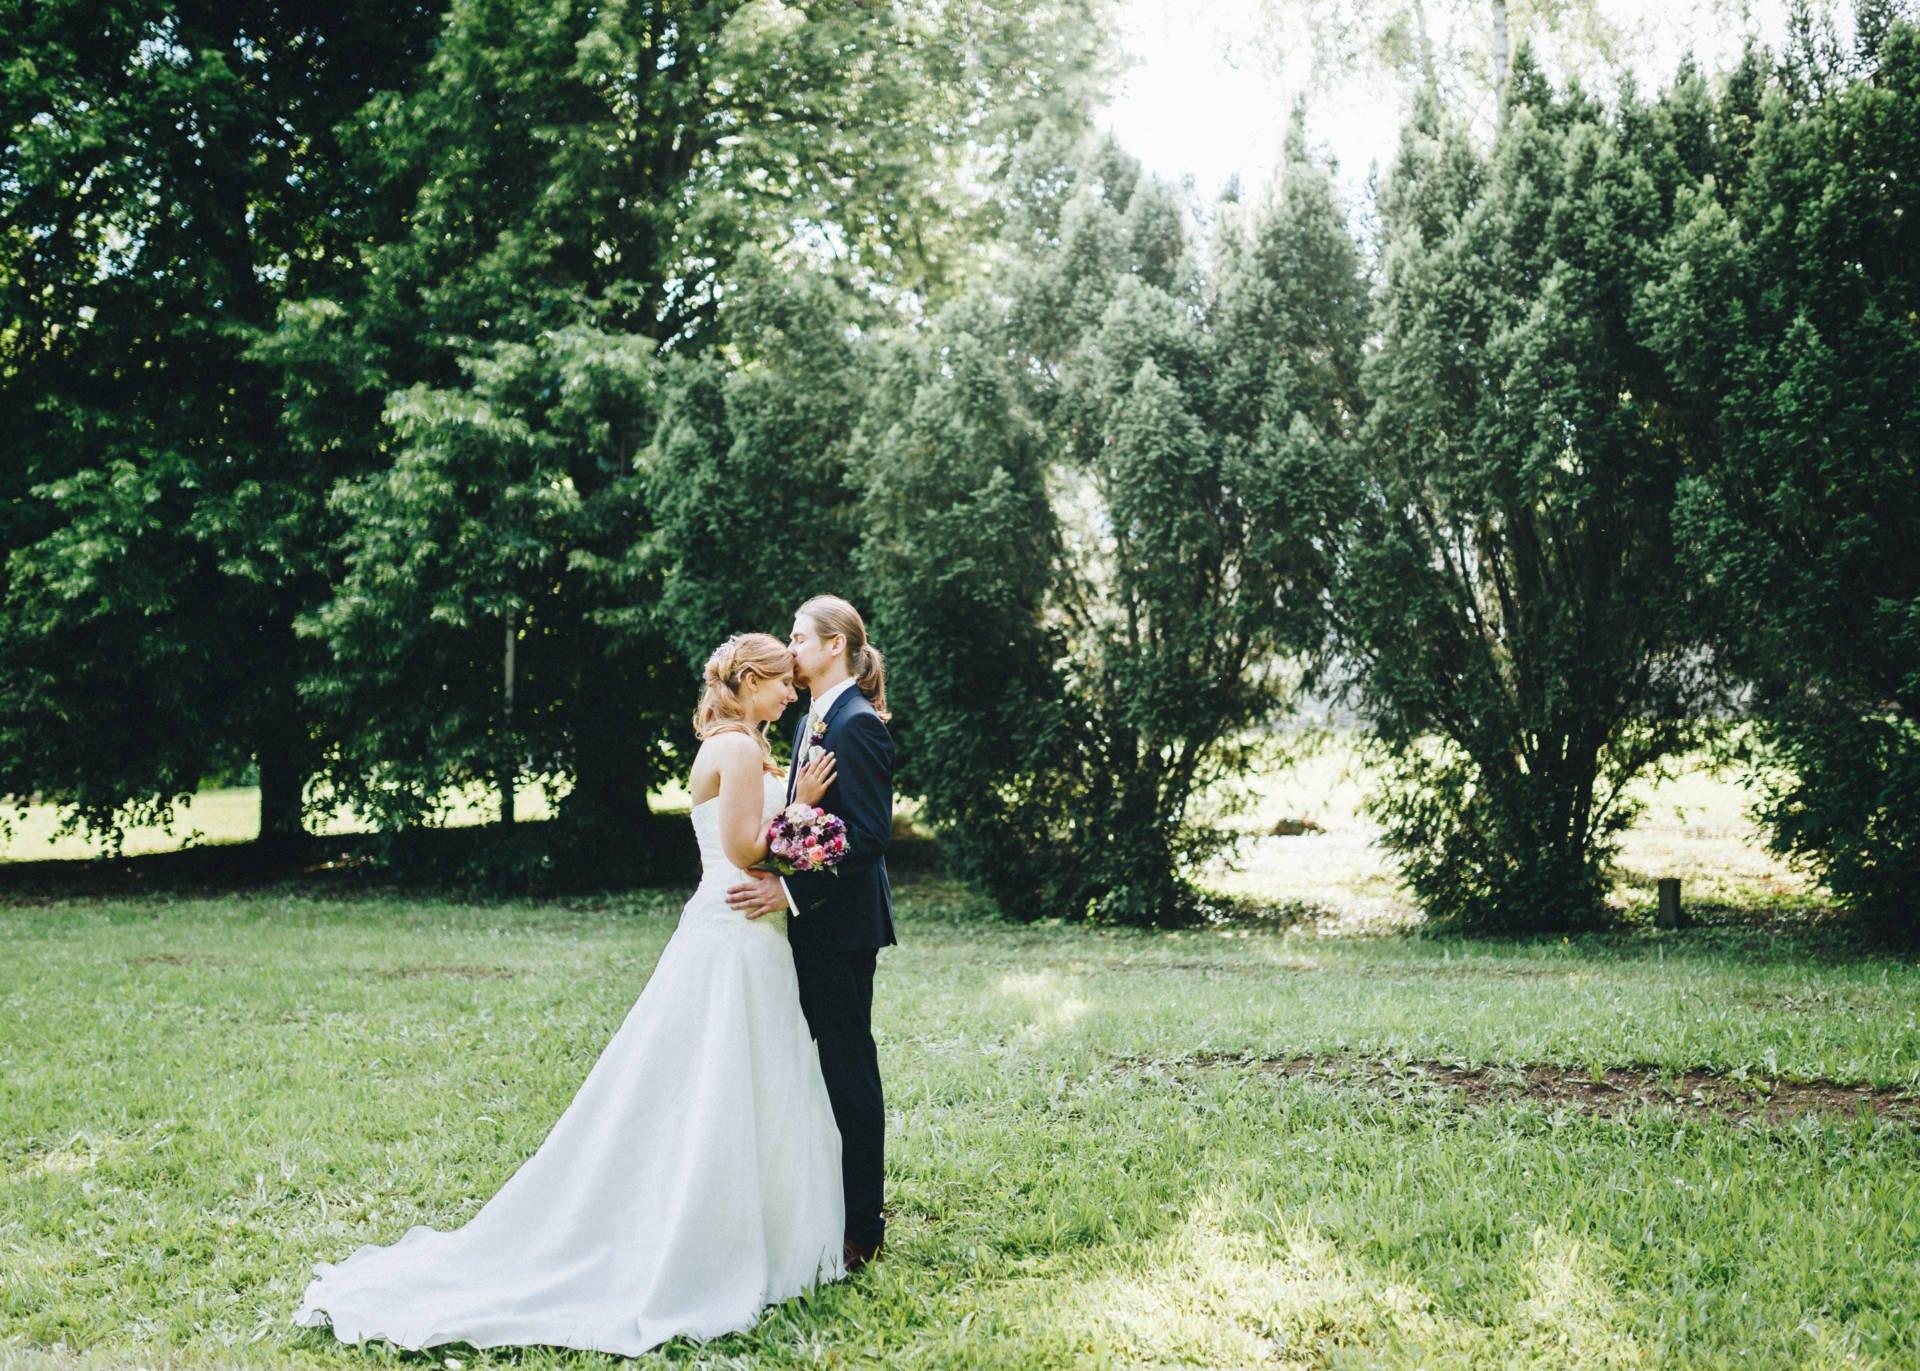 50mmfreunde Hochzeit Poesneck VillaAltenburg 23 - Freie Trauung in der Villa Altenburg